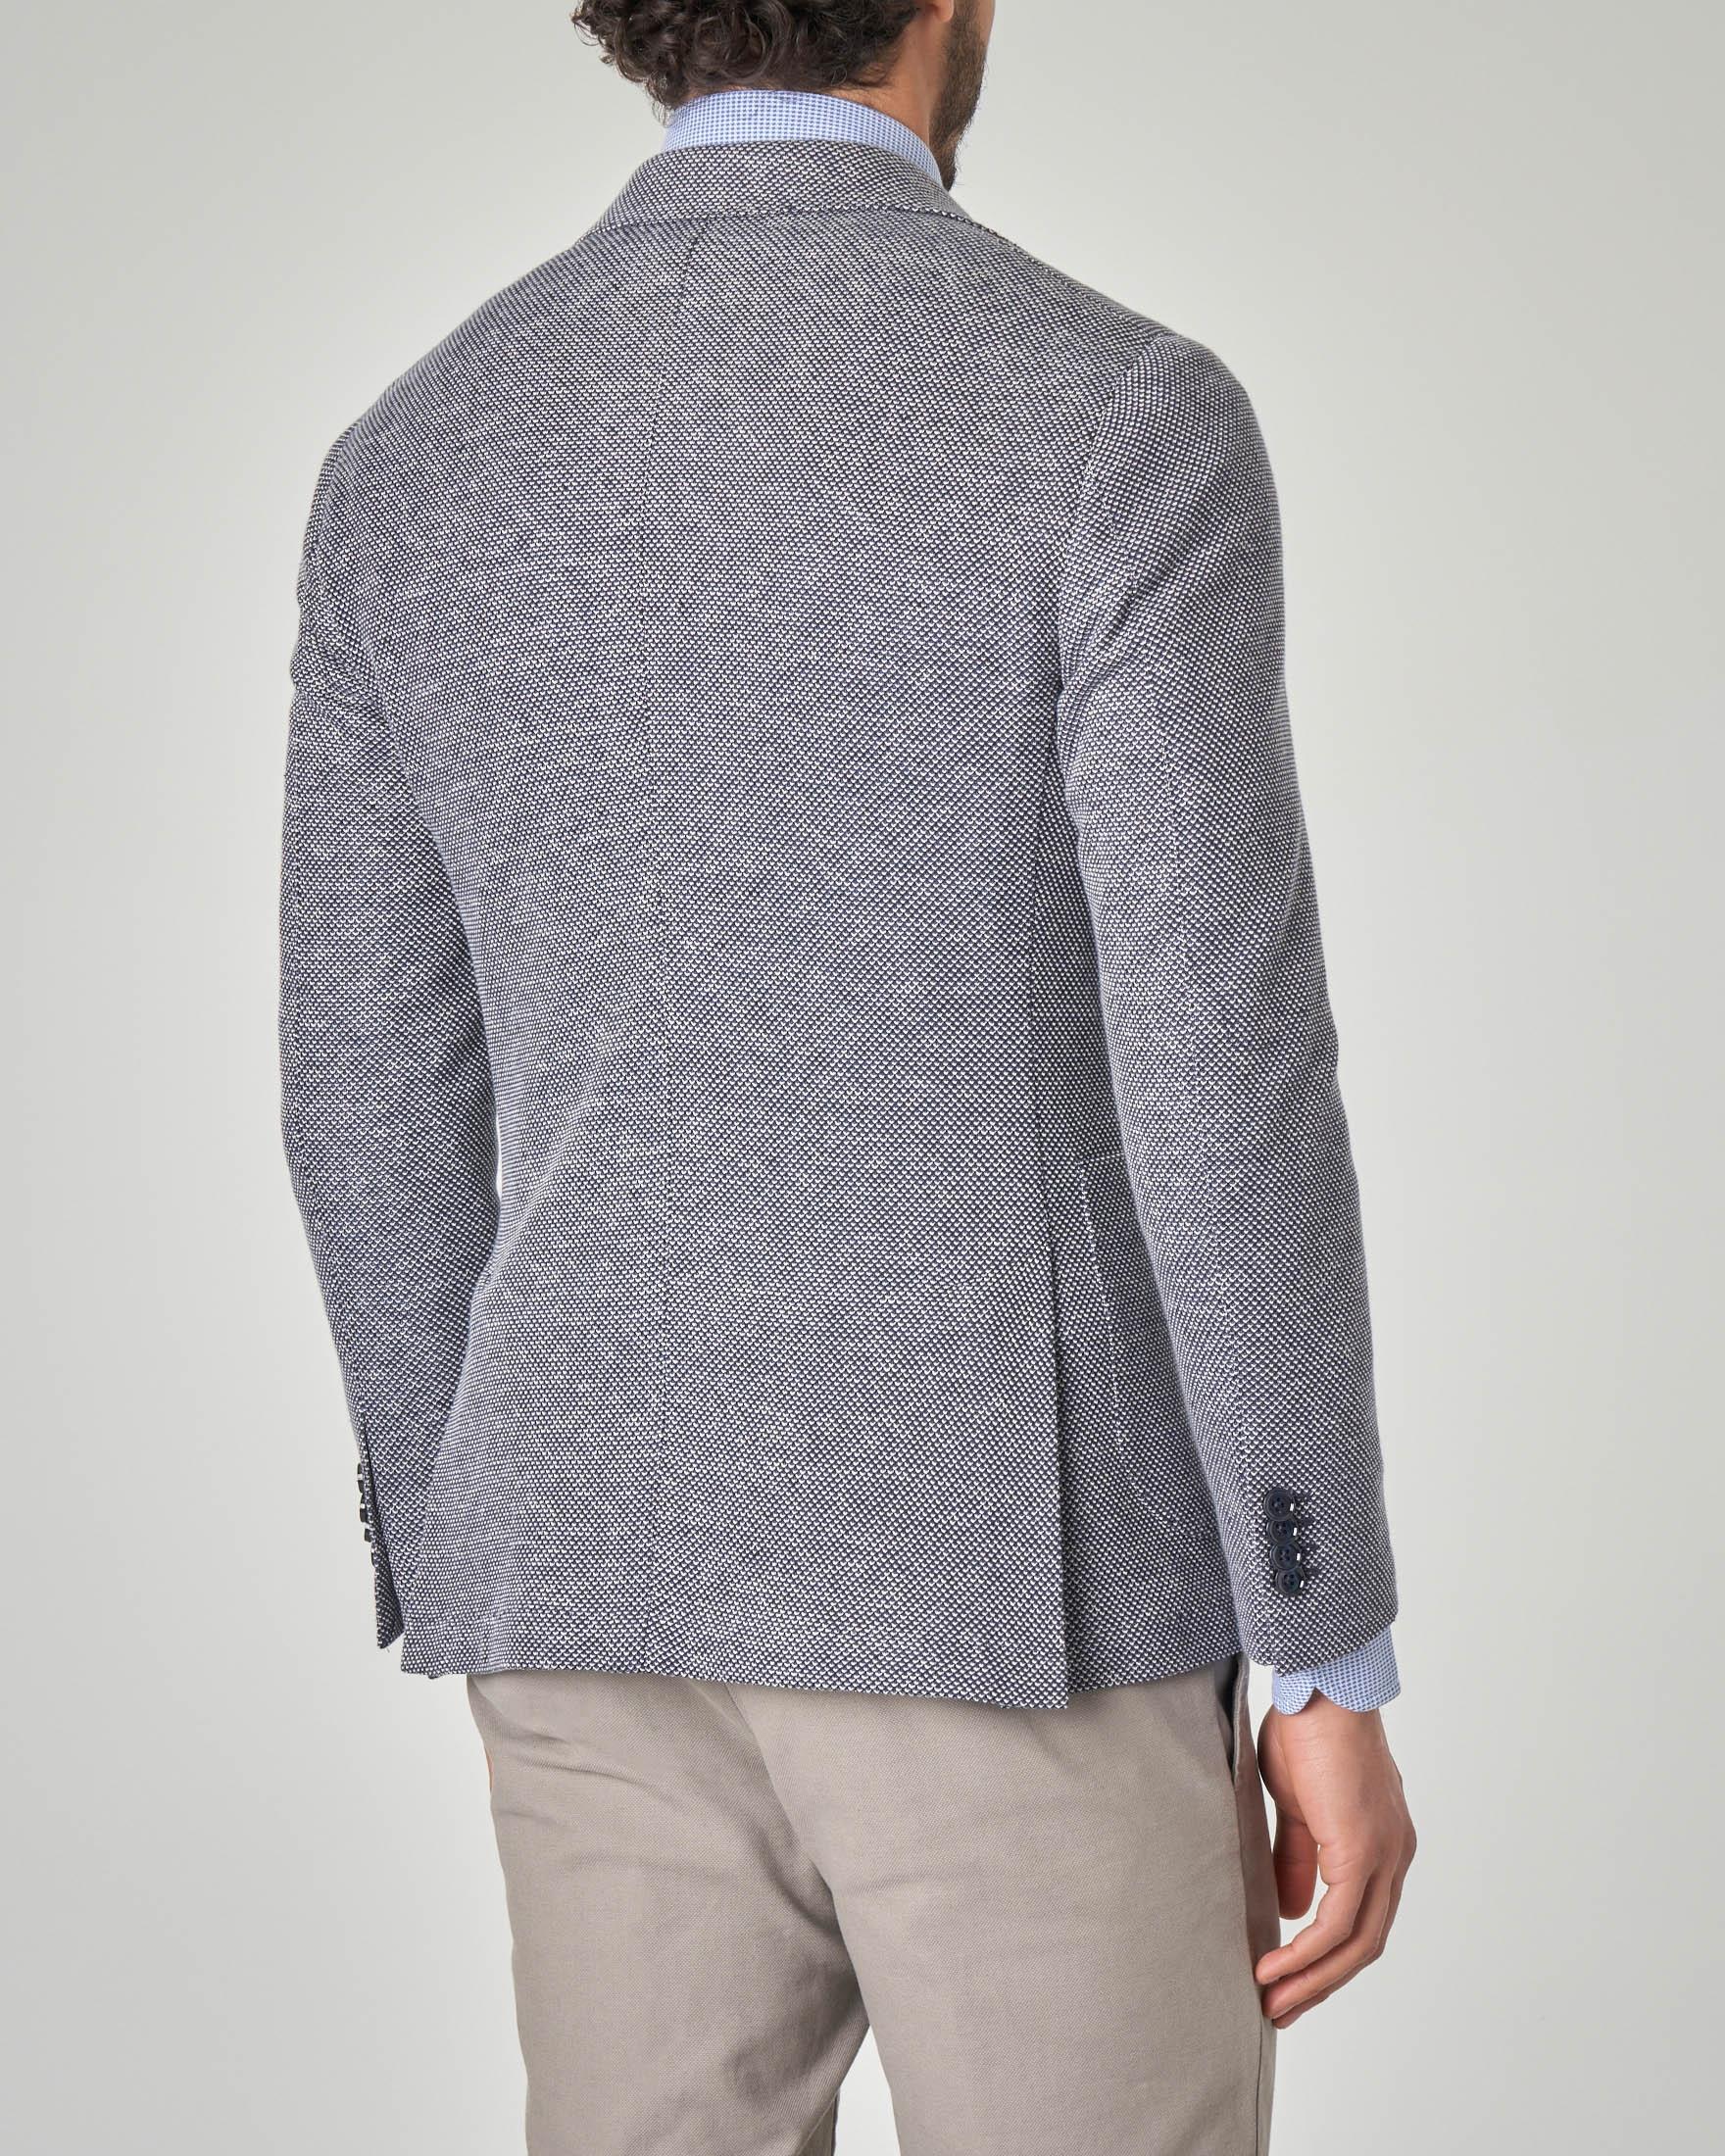 the best attitude 91915 06c0a Giacca blu e bianca in cotone e lino | Pellizzari E-commerce